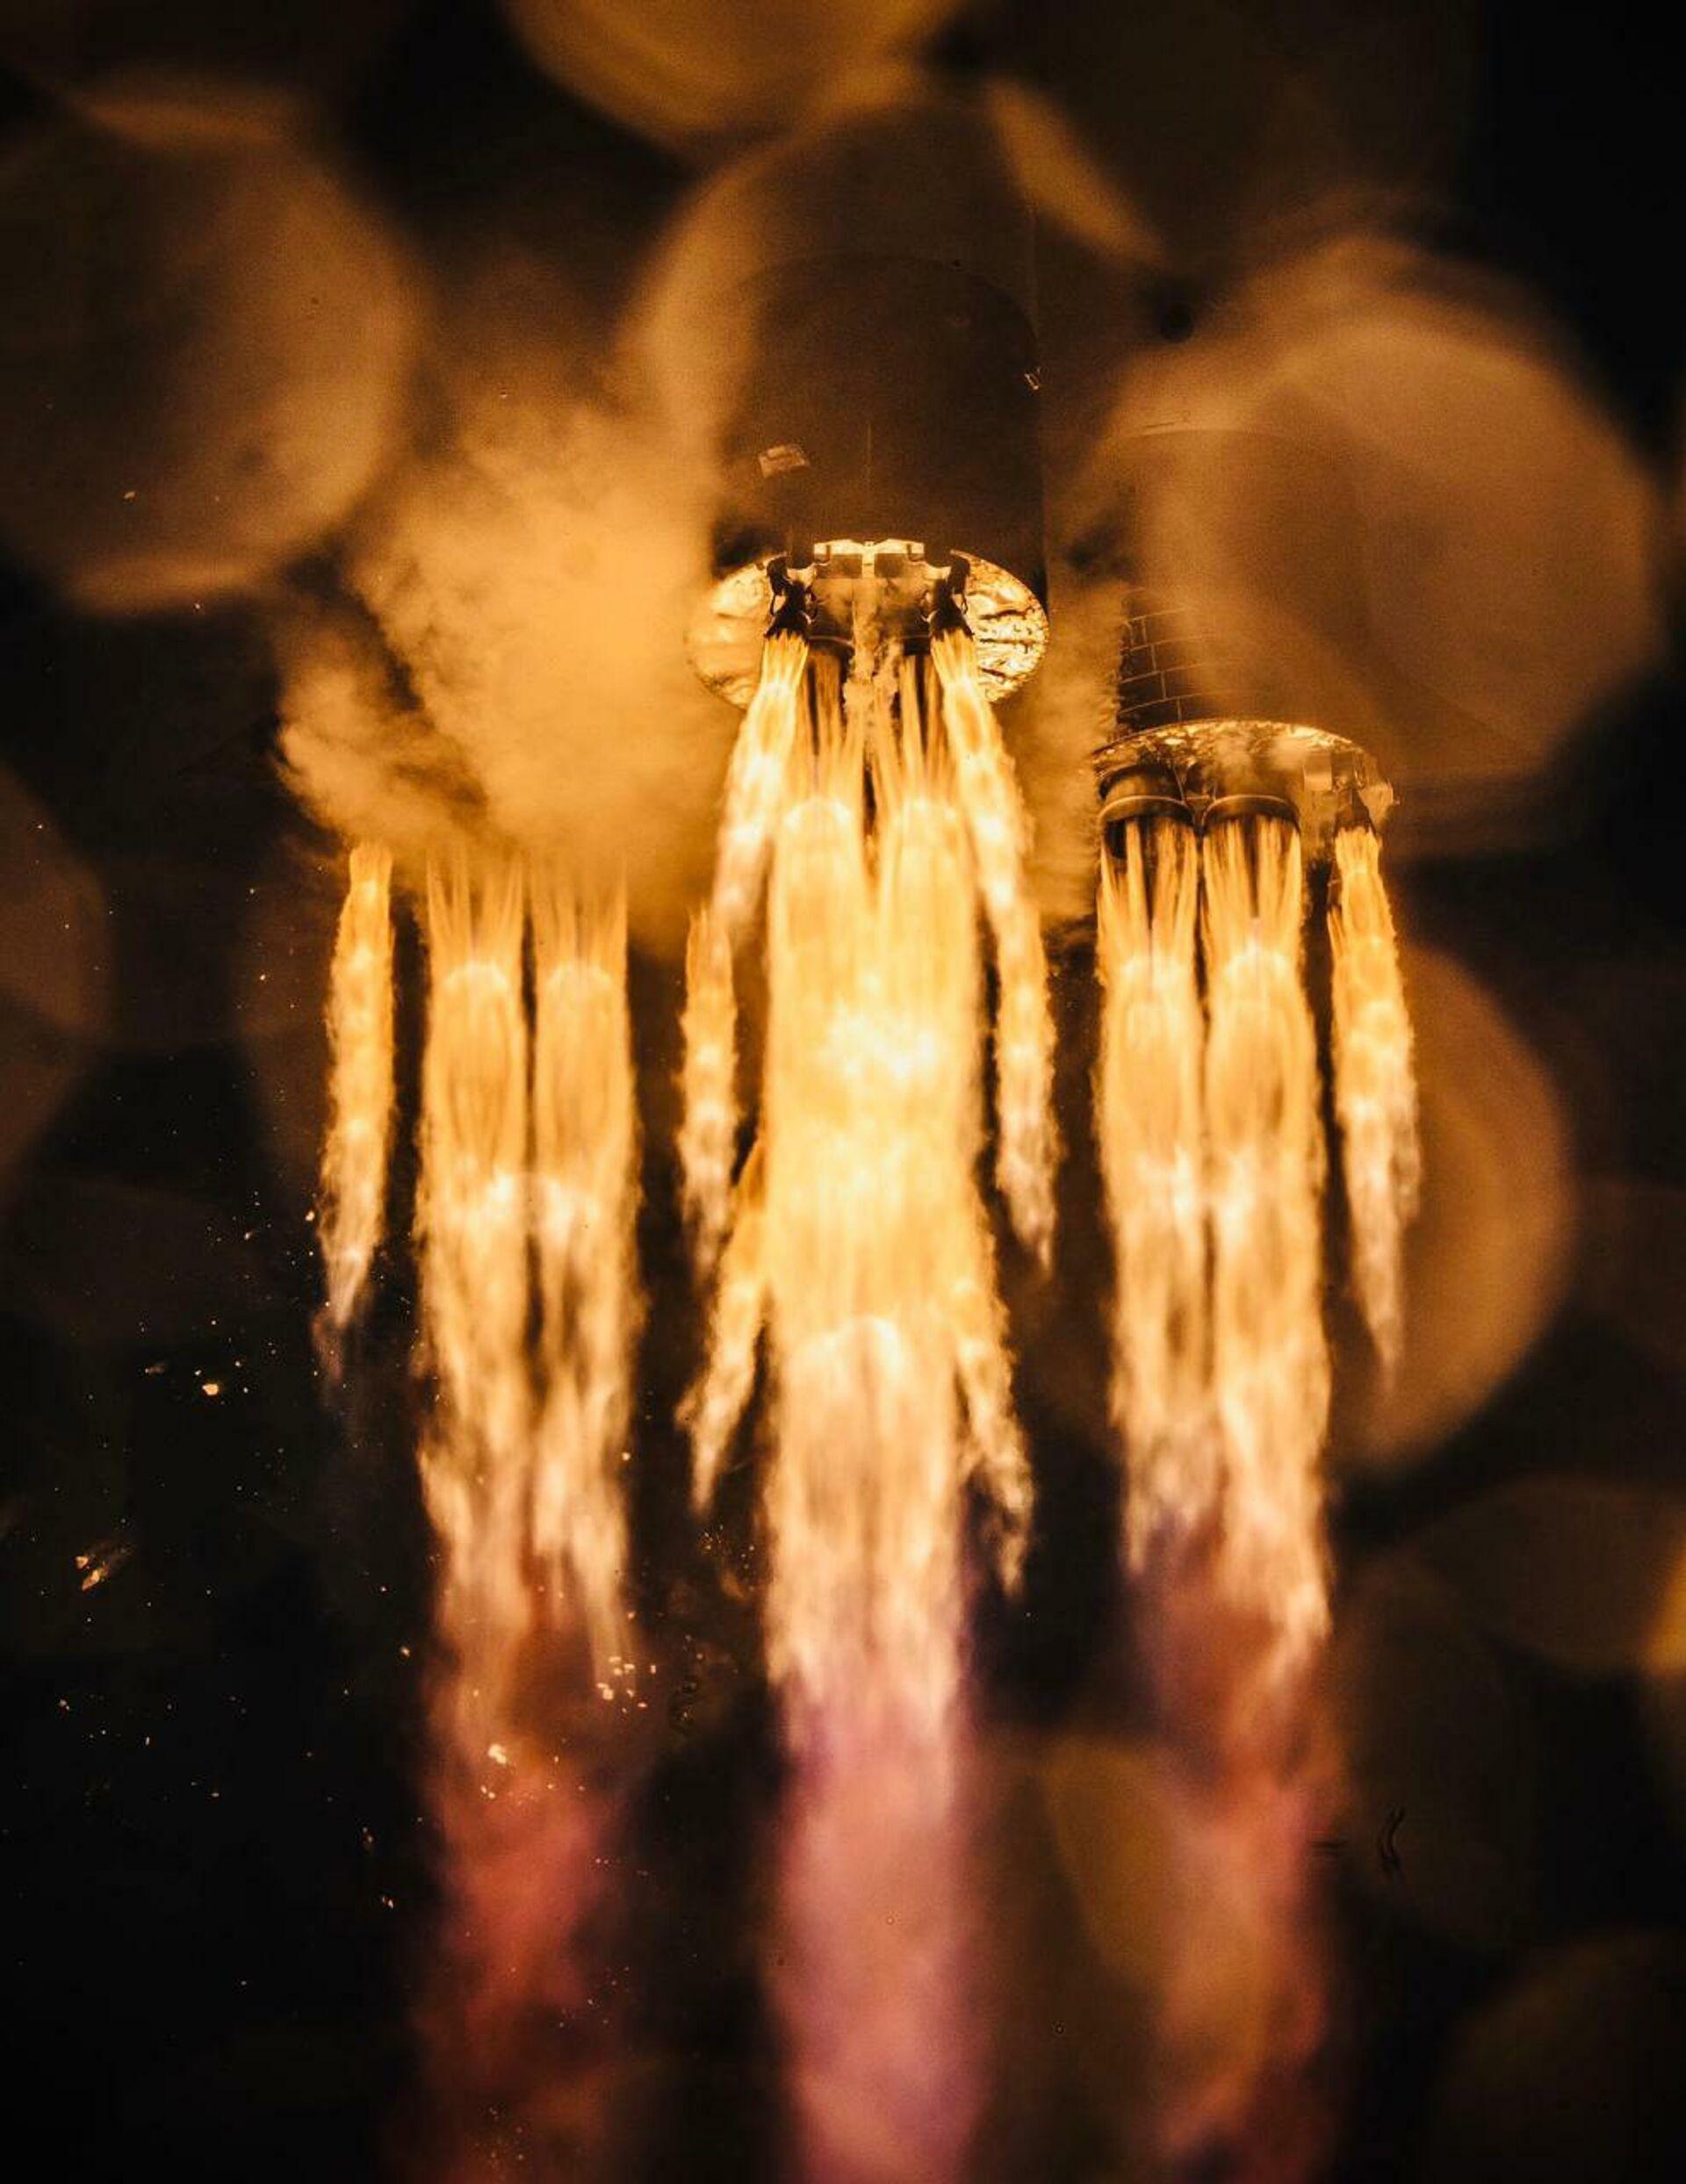 Старт ракеты Союз-2.1а с космодрома Байконур - РИА Новости, 1920, 22.03.2021